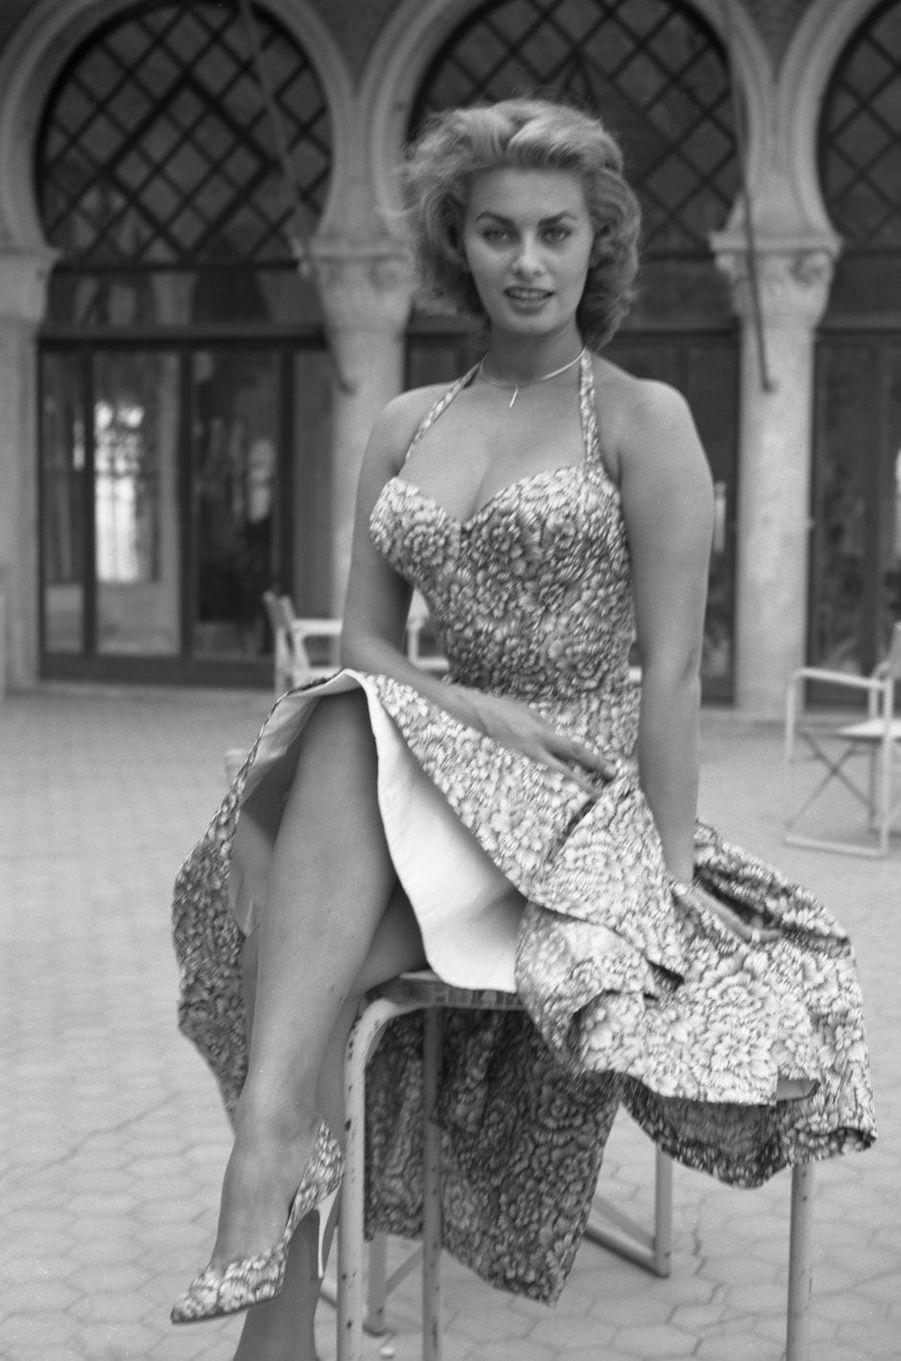 Sophia Loren dans une robe fleurie en 1955.